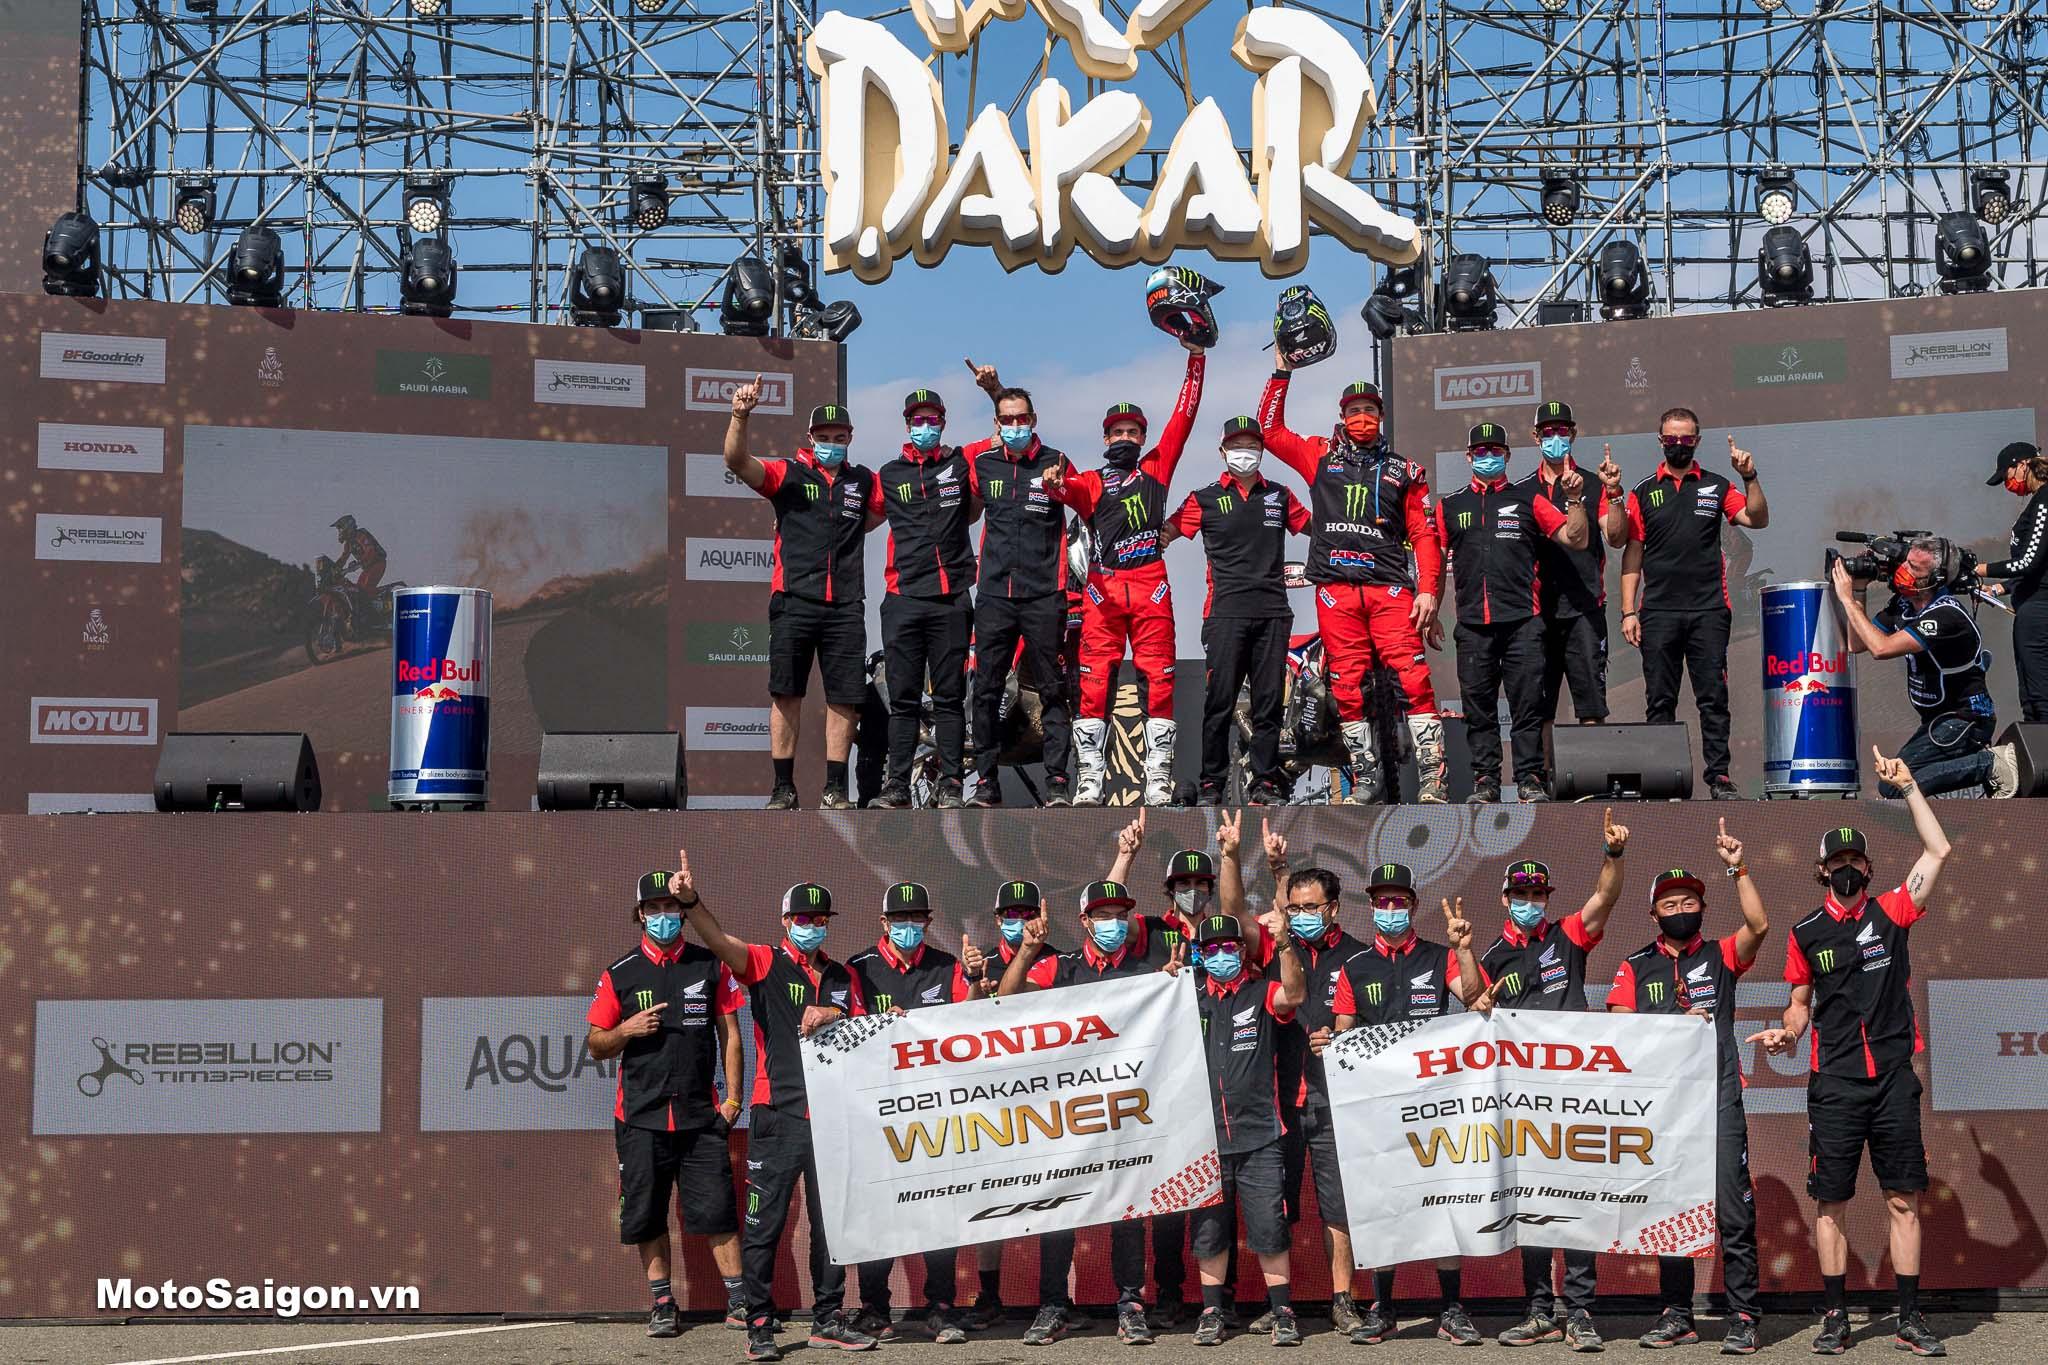 Dakar Rally_HRC vô địch mùa giải 2021